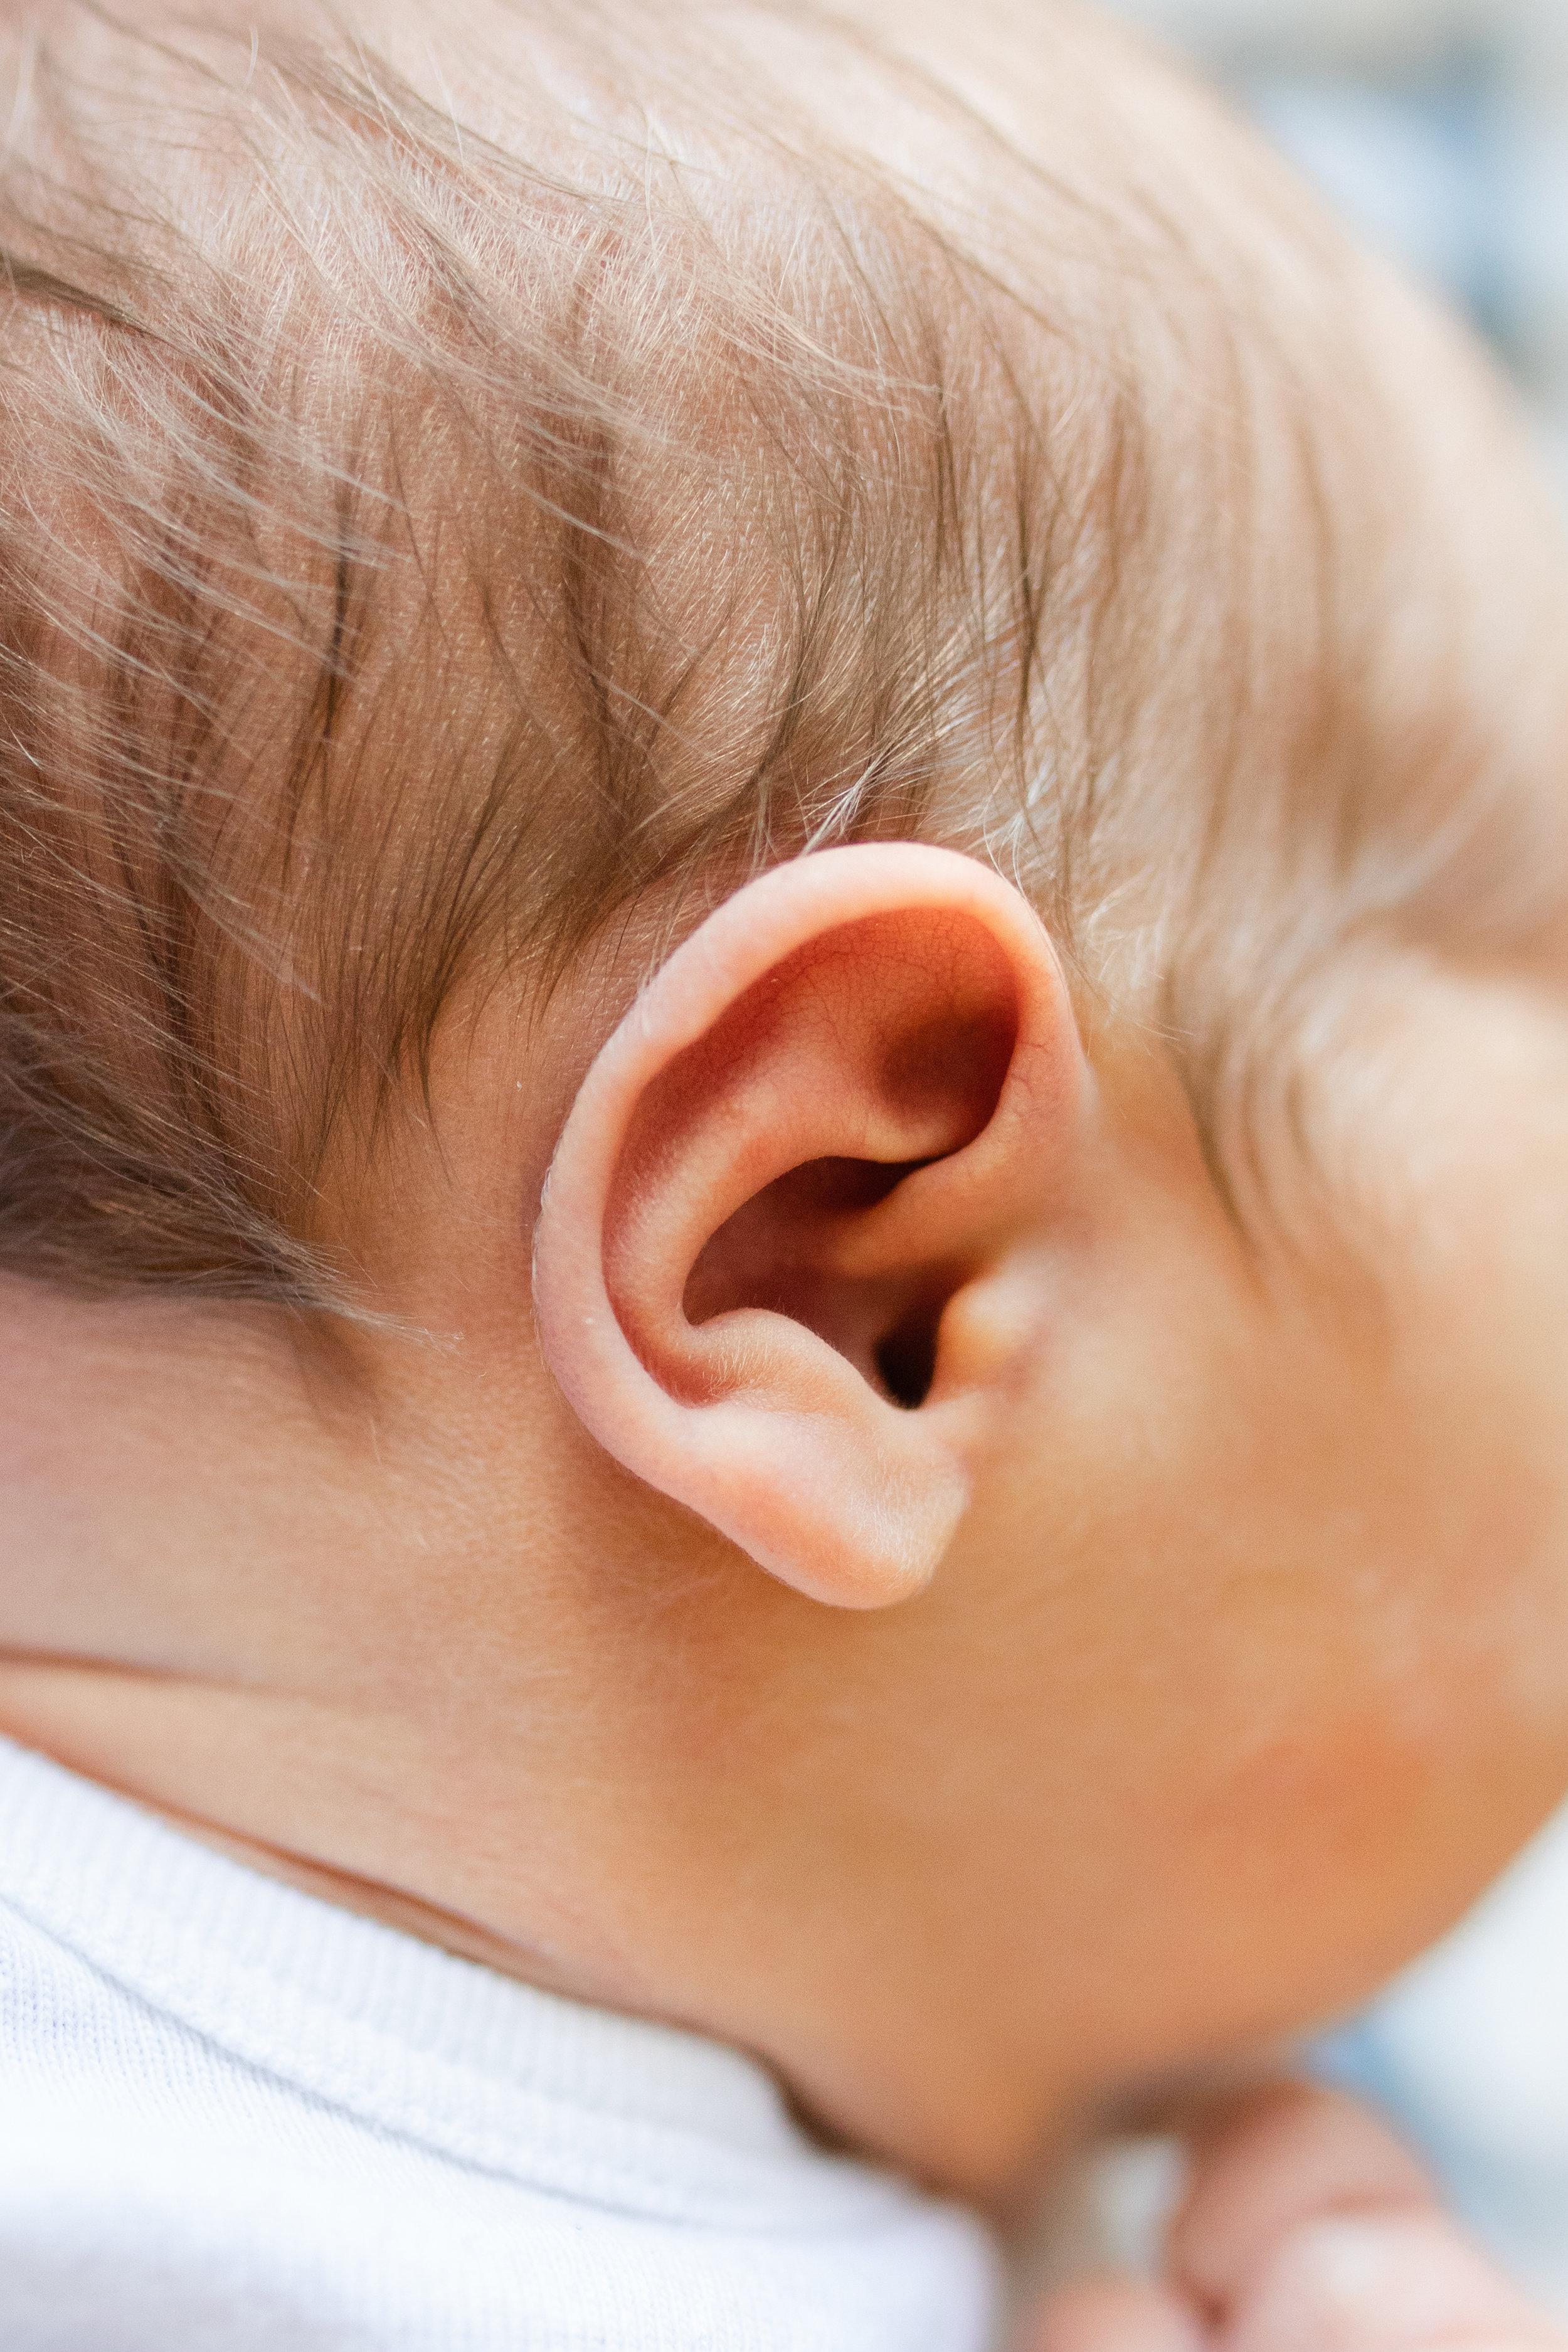 Detail Shot of Newborns Ear